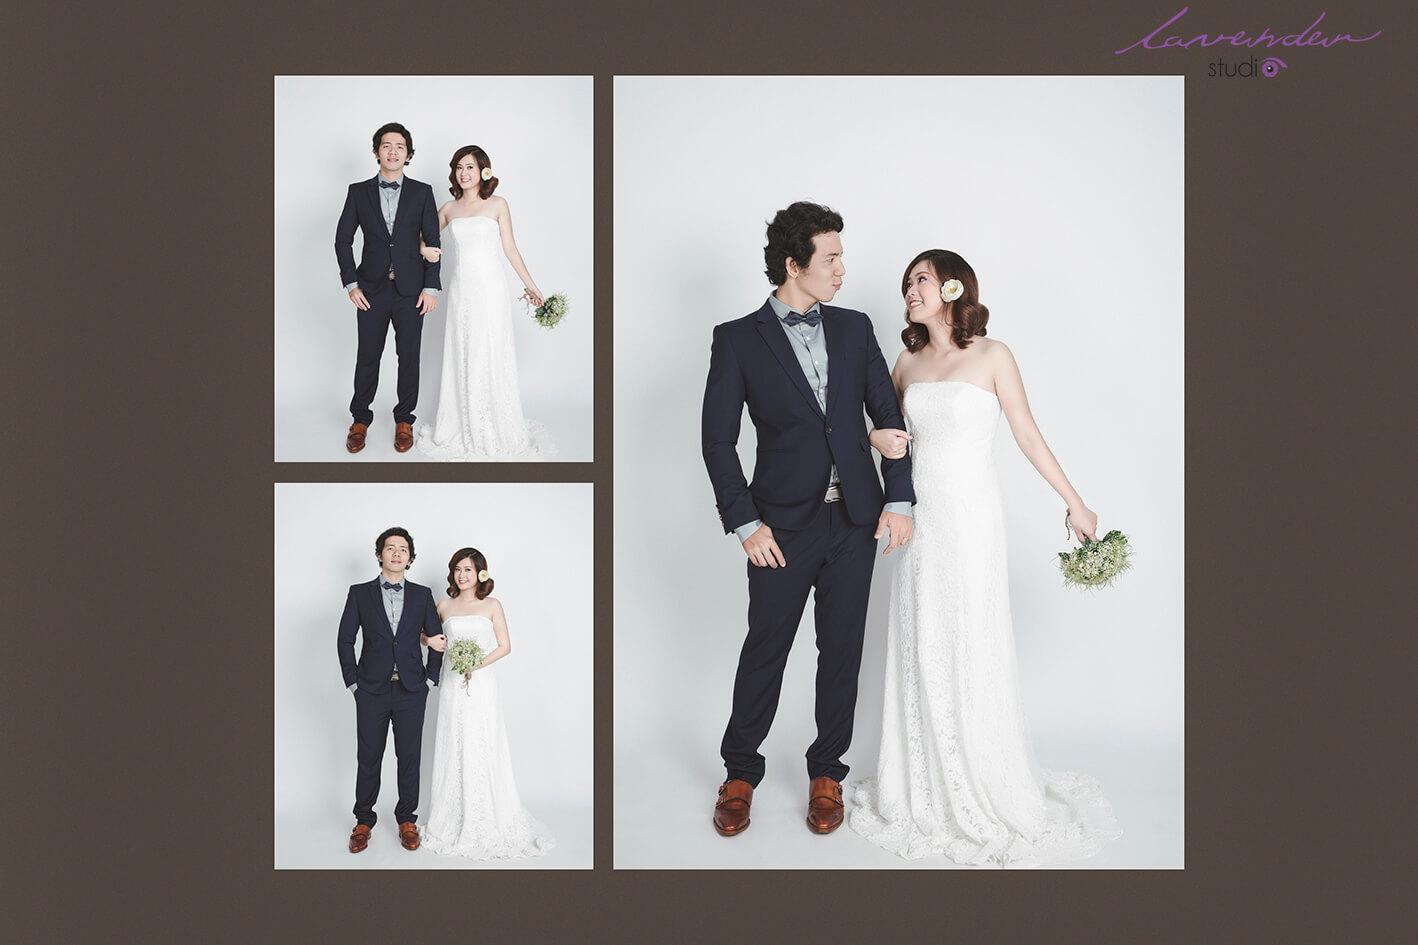 tiệm chụp hình cưới giá rẻ ở Sài gòn